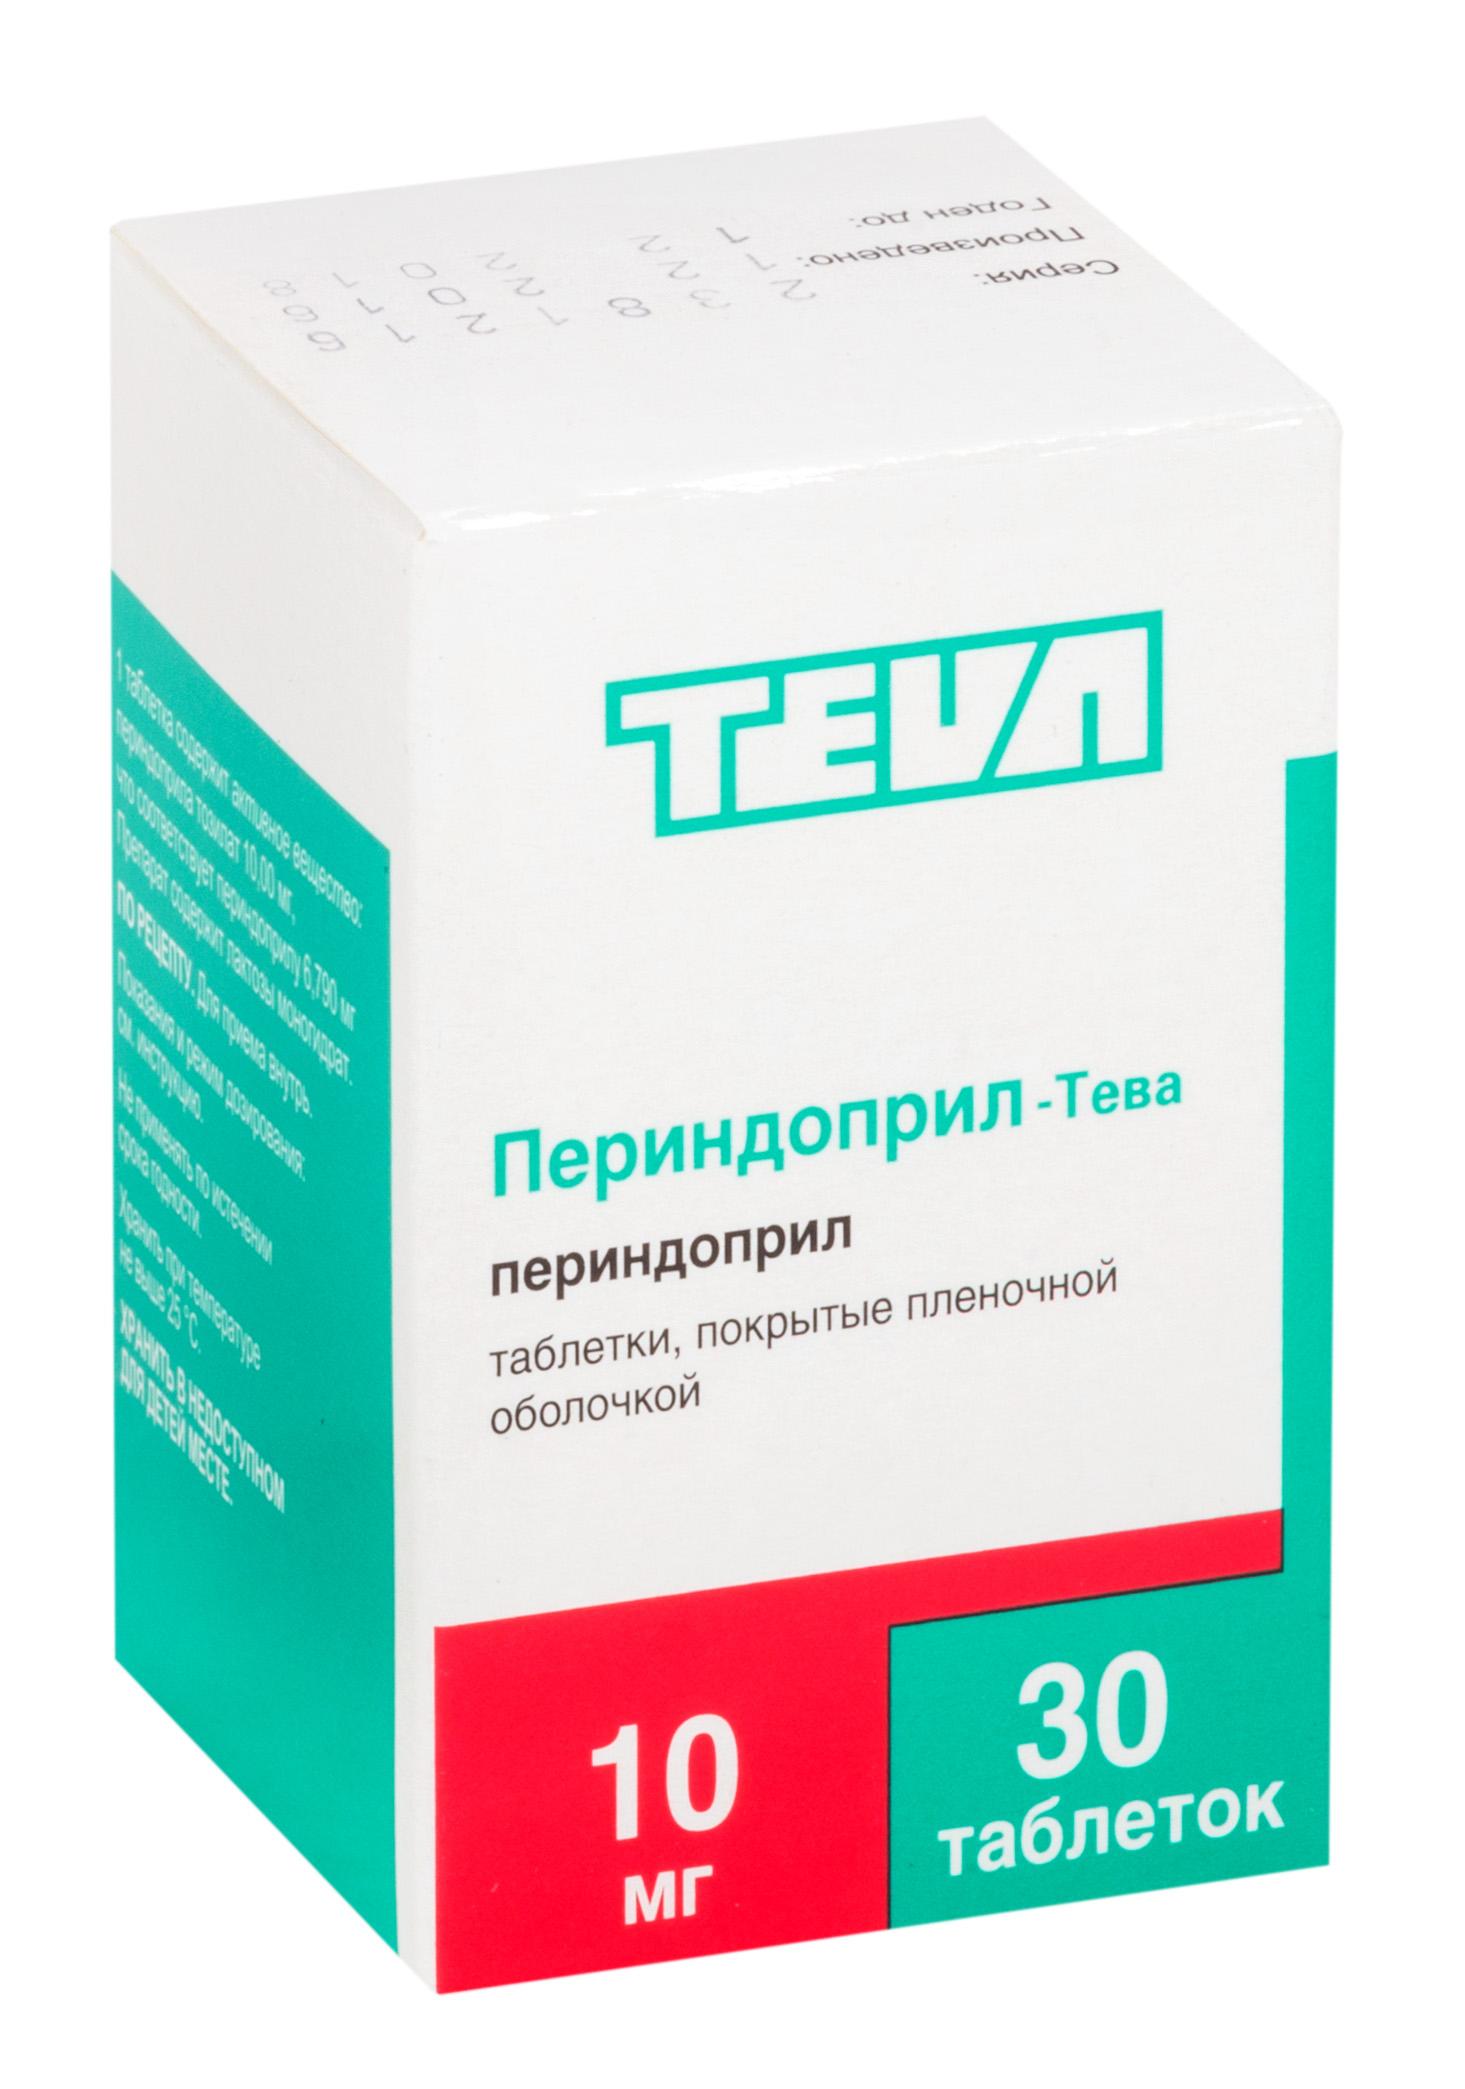 Периндоприл-тева таб. п/о плен. 10мг №30